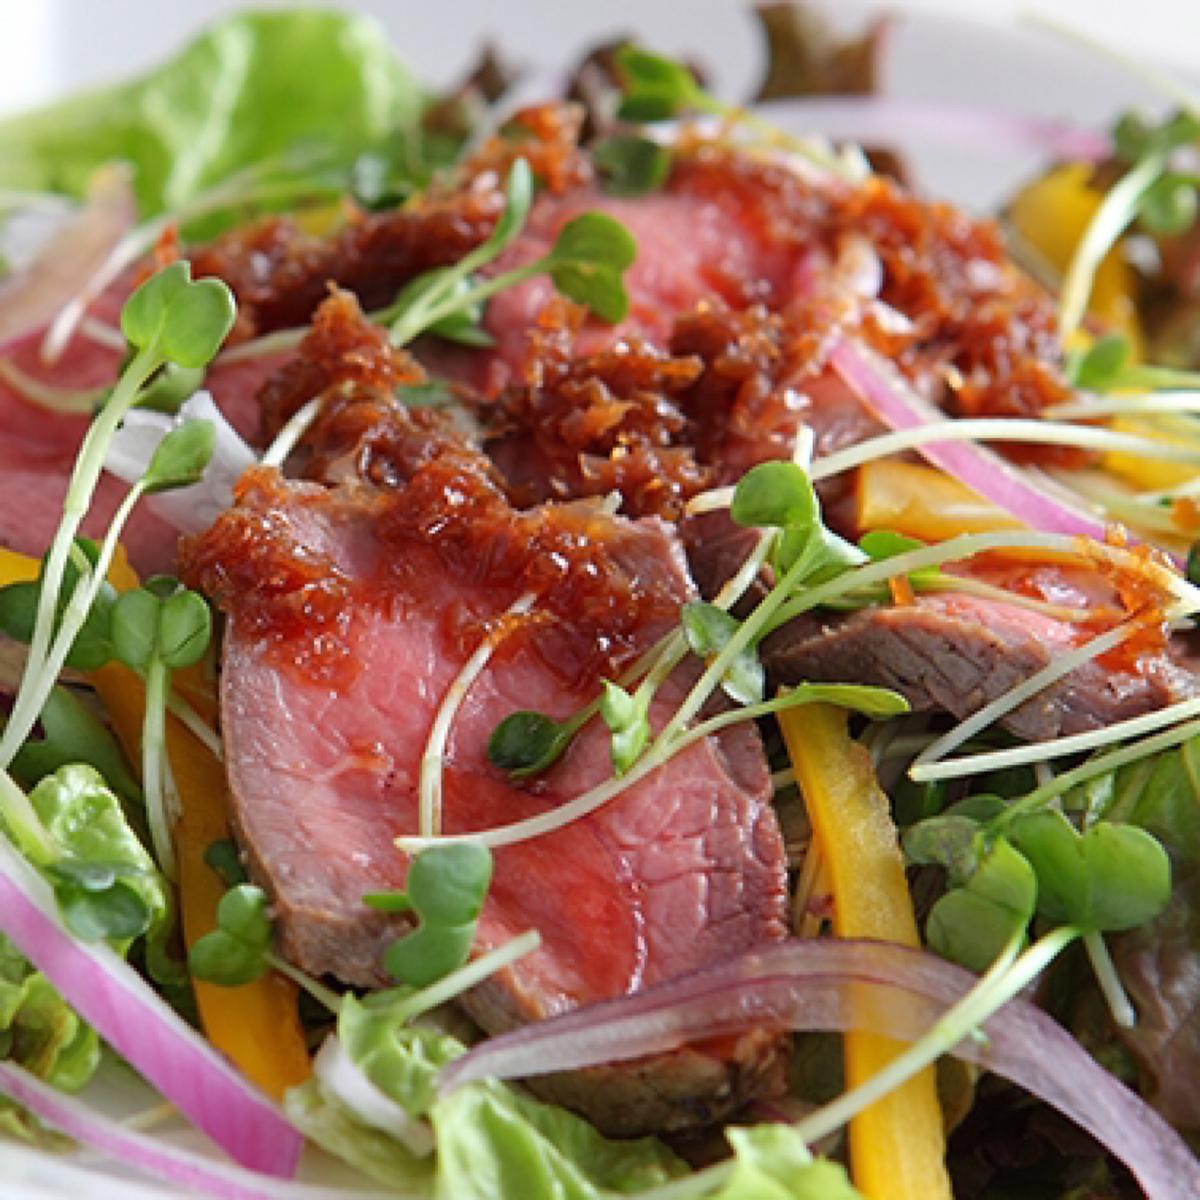 로스트 비프의 일본식 샐러드